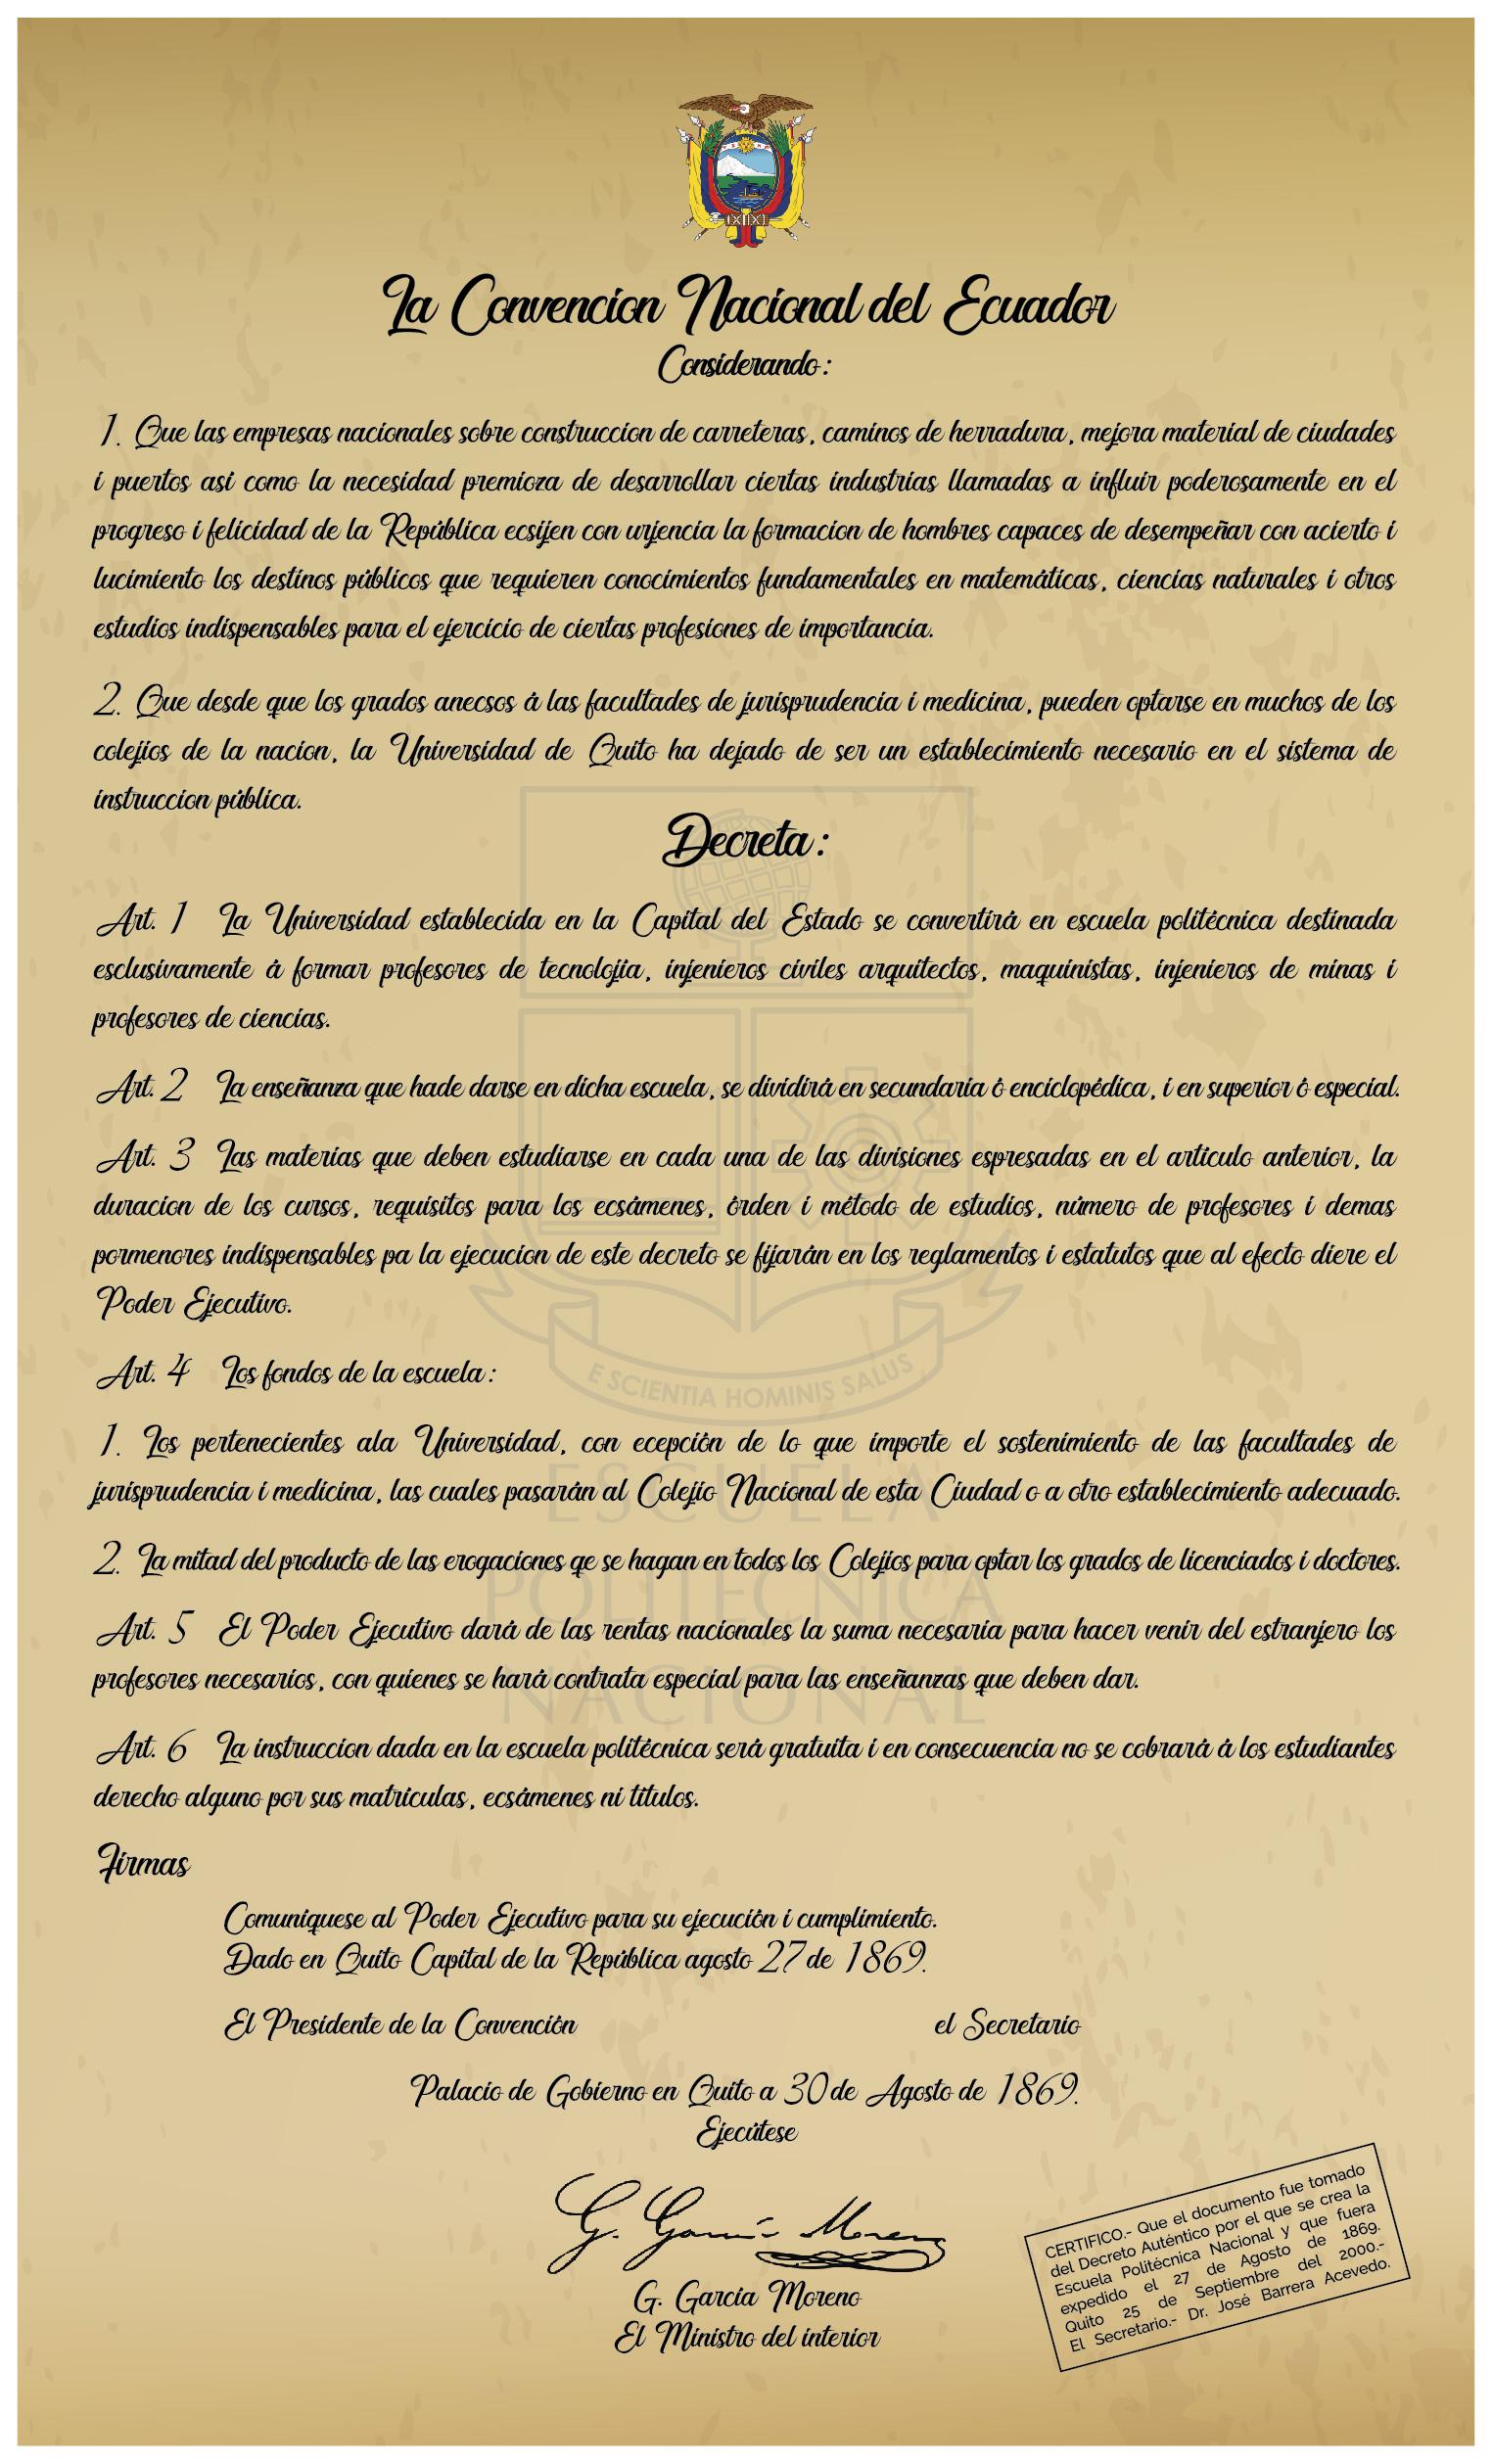 decreto-politecnica-1869-mail-1